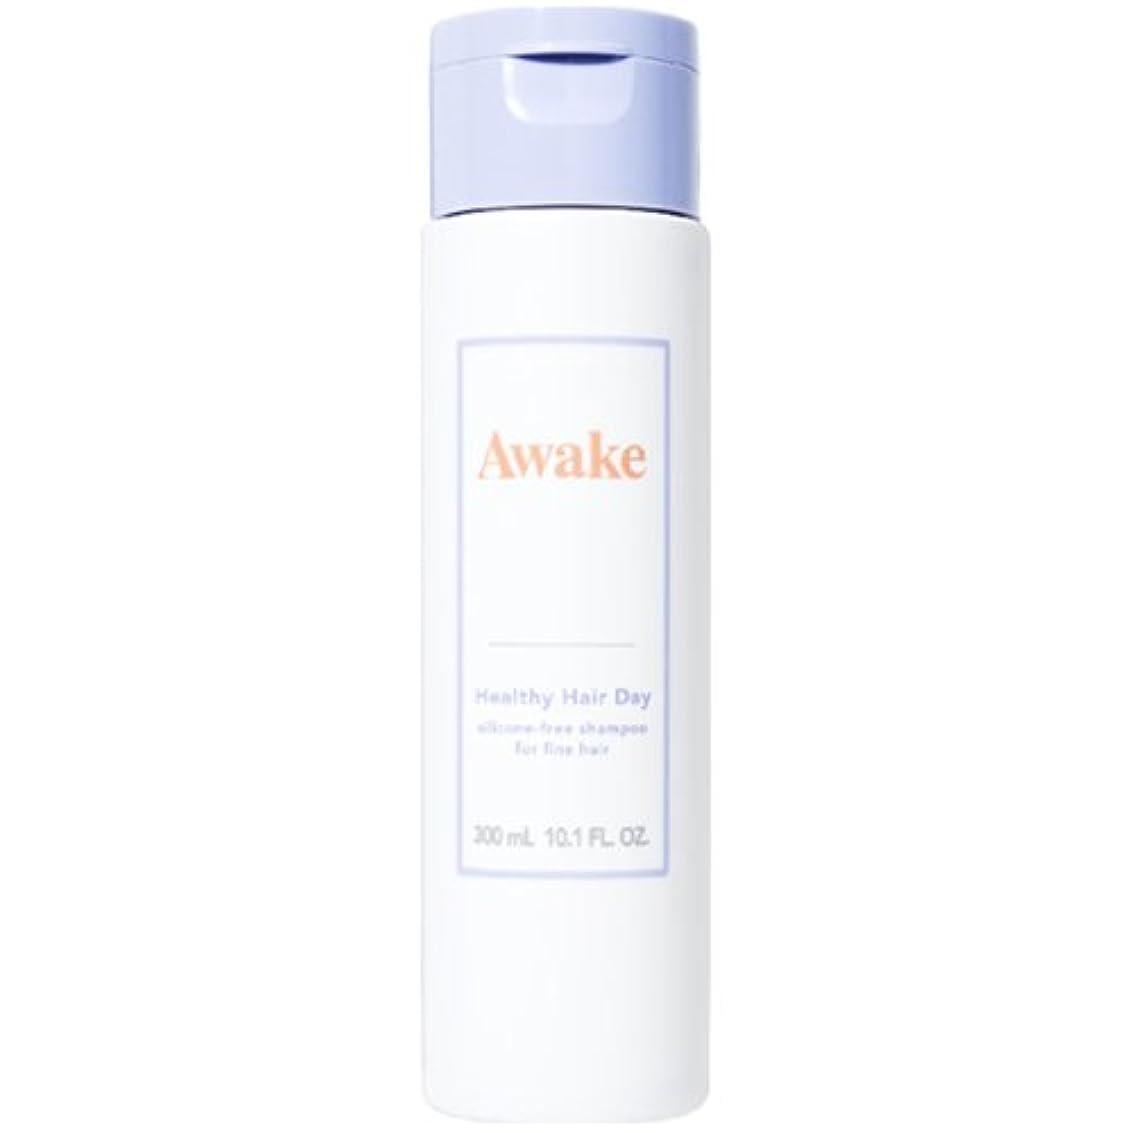 形主流変成器アウェイク(AWAKE) Awake(アウェイク) ヘルシーヘアデイ シリコーンフリー ヘアシャンプー ハリコシアップヘア用 (300mL)